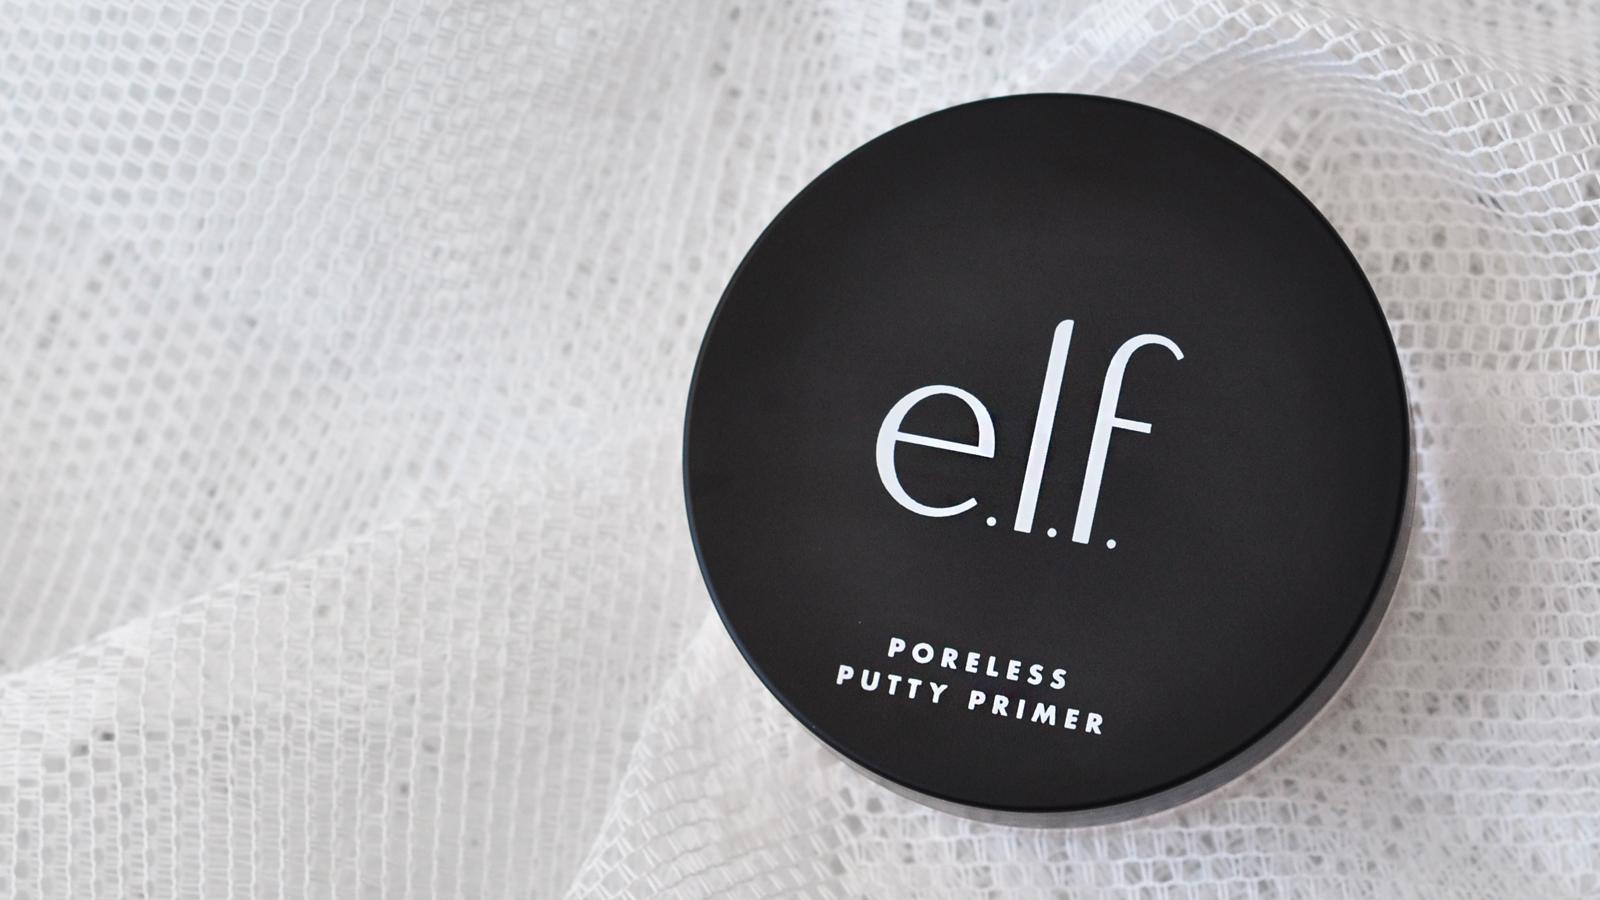 Elf Poreless Putty Primer